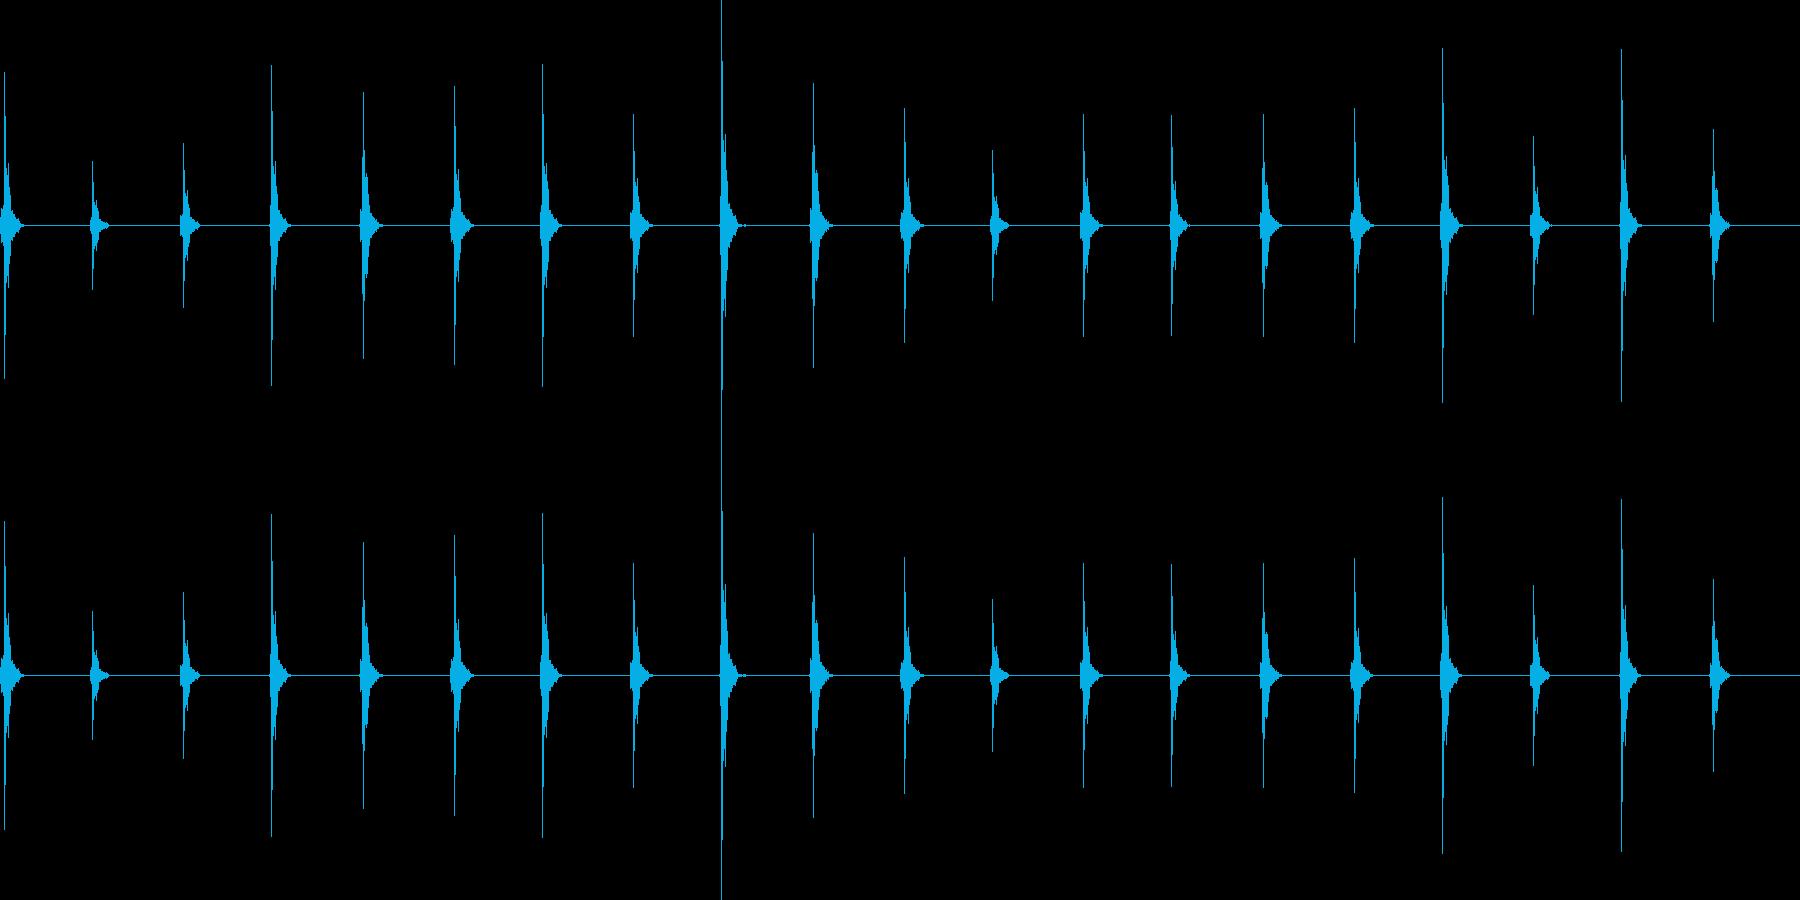 時計の音 自然音を使用 わかりやすいの再生済みの波形